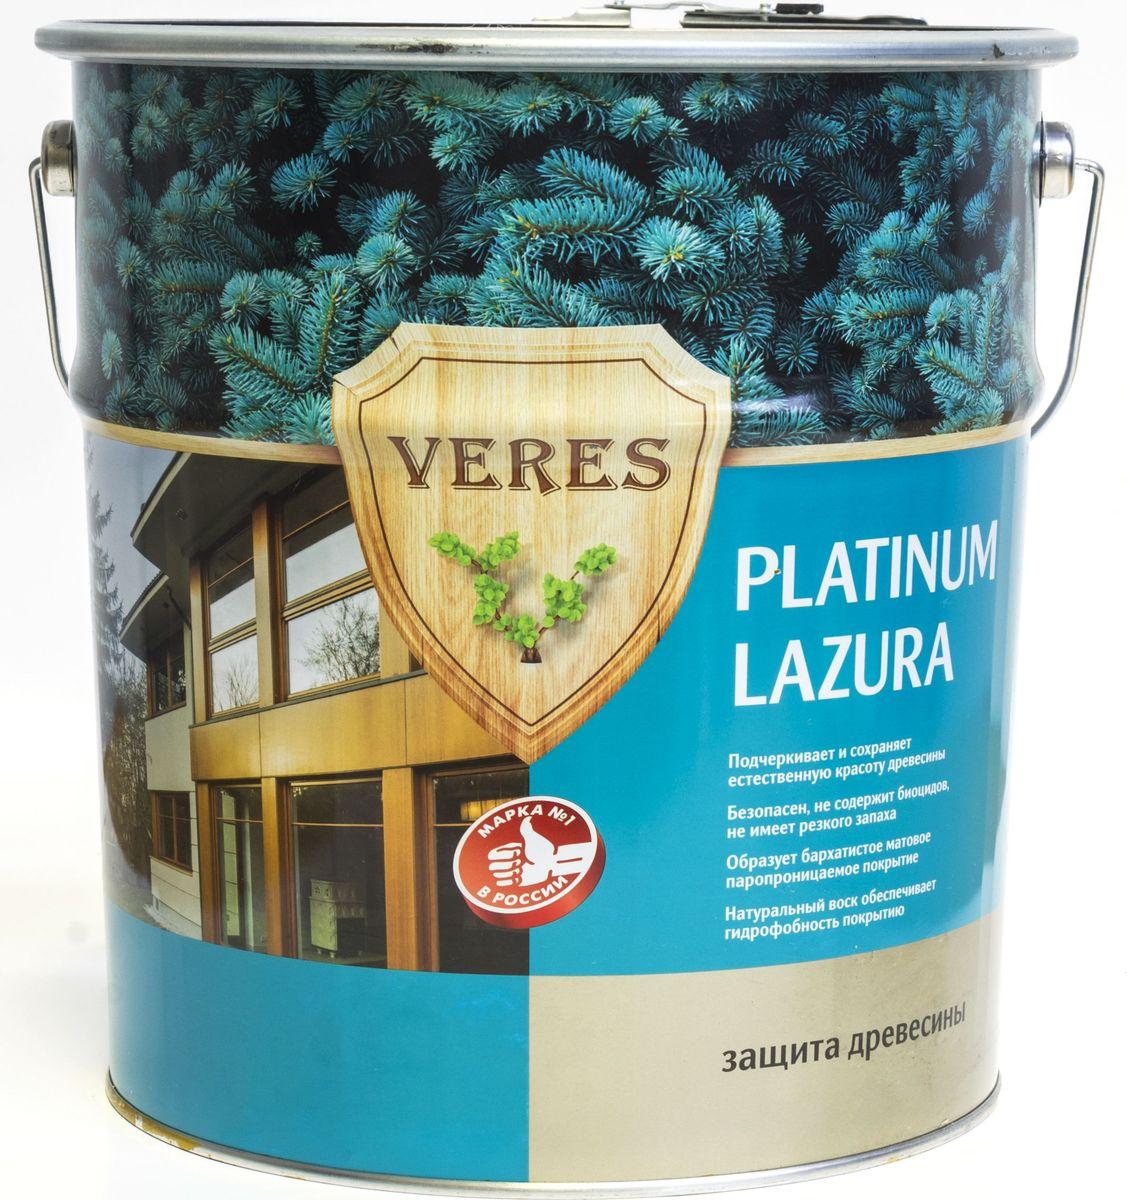 Пропитка тонирующая для дерева Veres Platinum Lazura, цвет: каштан (10), 10 л8606006543309Тонирующая пропитка для дерева Veres Platinum Lazura - высокоэффективная тиксотропная декоративно-защитная лессирующая матовая пропитка, предназначенная для обработки новых и очищенных от старого покрытия деревянных поверхностей: стеновых панелей, обшивочных досок, заборов, дверей, оконных рам и других изделий и конструкций, а также ДСП, фанеры и шпона. Veres Platinum Lazura безопасна в работе, не имеет резкого запаха, образует бархатистое матовое паропроницаемое тонкослойное покрытие. Подчеркивает и сохраняет естественную красоту древесины, глубоко проникая и защищая от плесени и грибка. Специально подобранная система УФ-фильтров, транспарентных пигментов, натуральных масел и восков обеспечивает формирование высокопрочного и атмосферостойкого покрытия. Для получения других оттенков допускается смешивание между собой составов различных цветов. Специальная матирующая добавка придает покрытию бархатистый матовый эффект, для усиления которого важно наносить пропитку тонкими слоями.Товар сертифицирован.